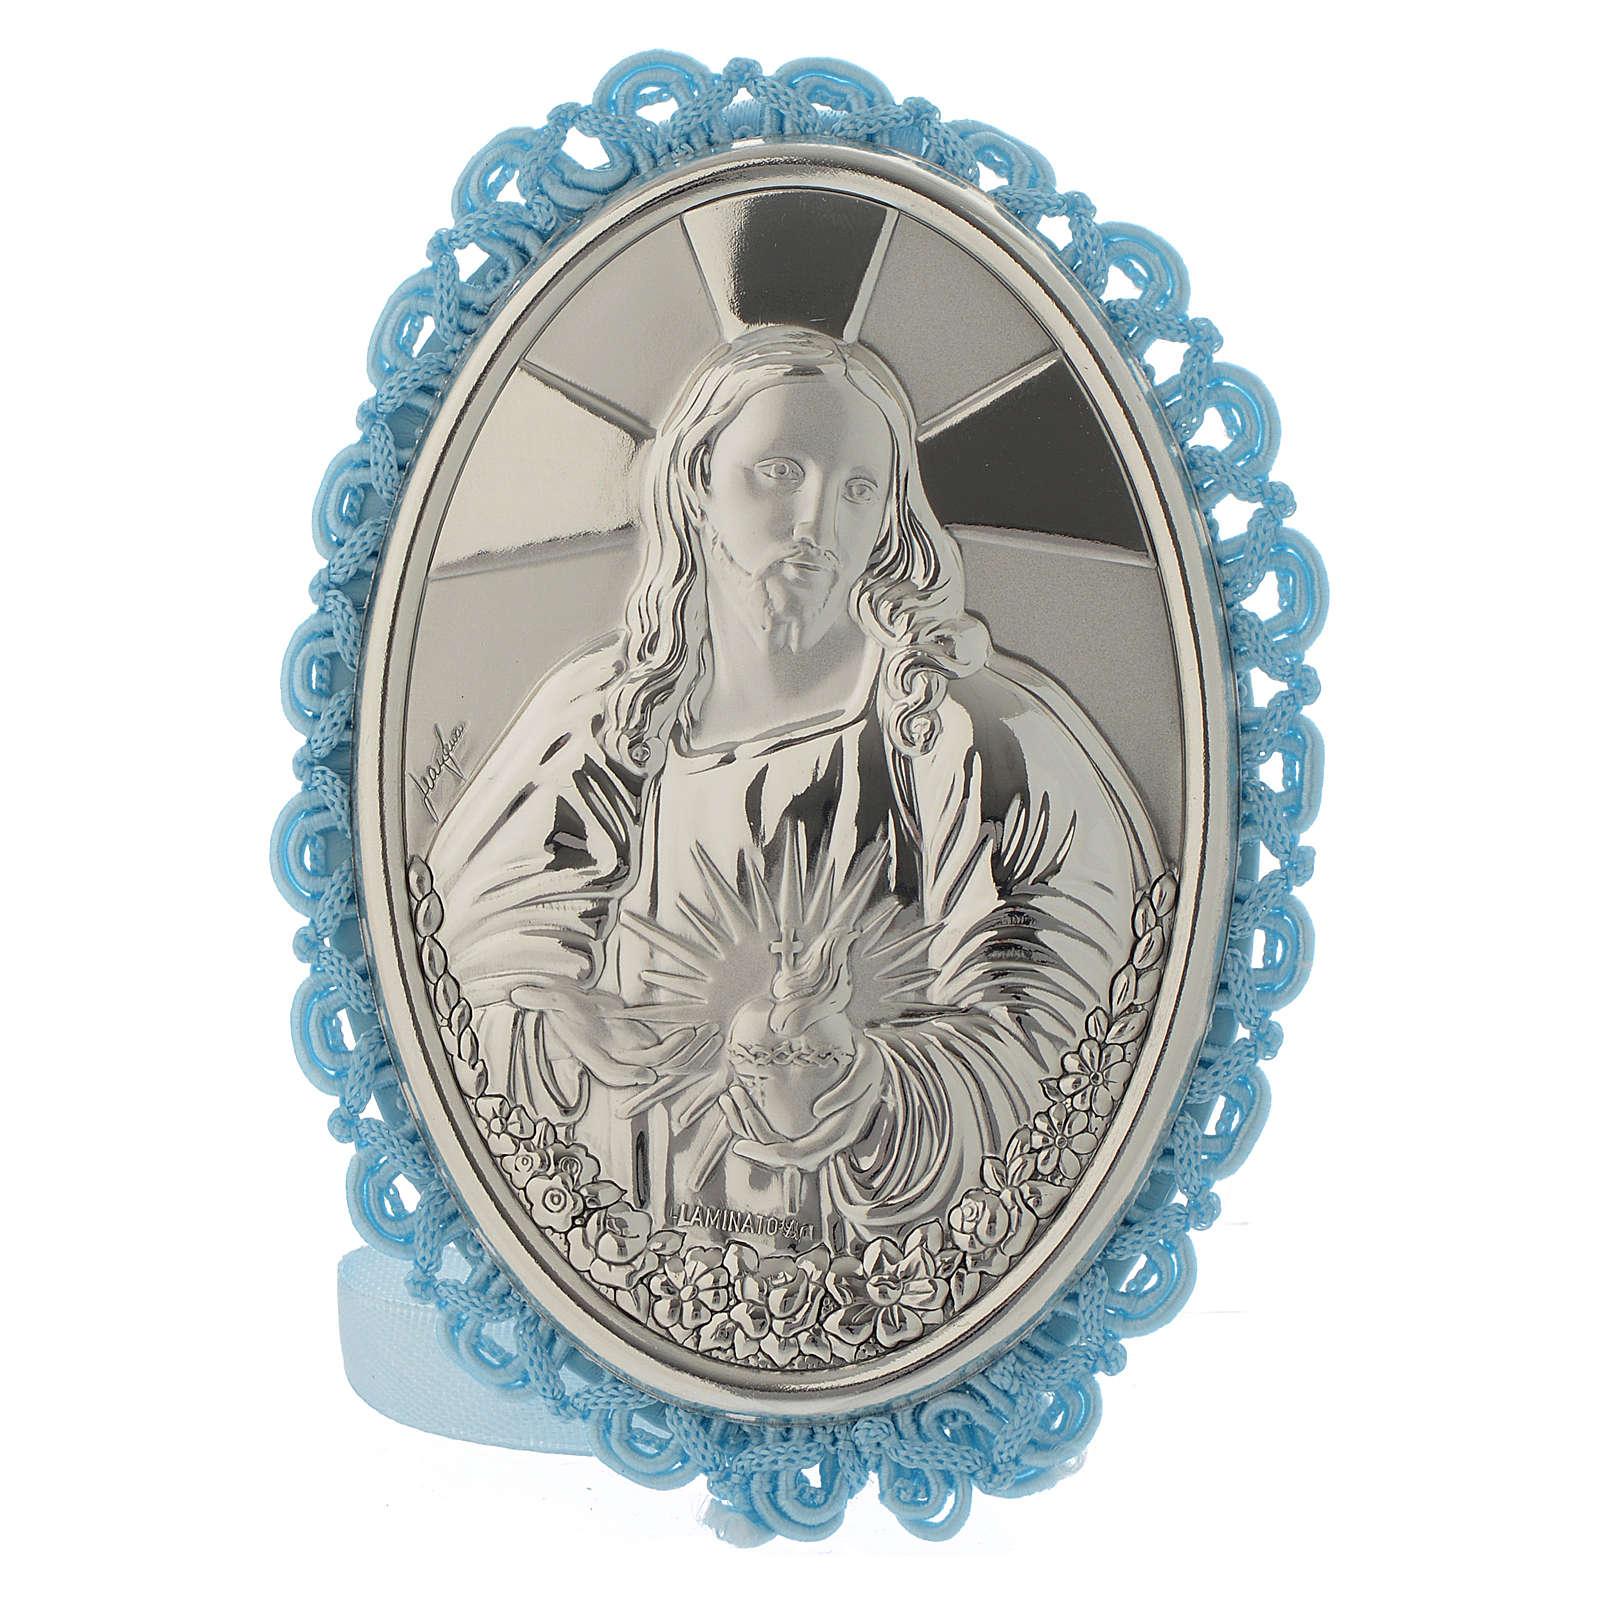 Medaglione Sopraculla Sacro Cuore Azzurro con Carillon 4